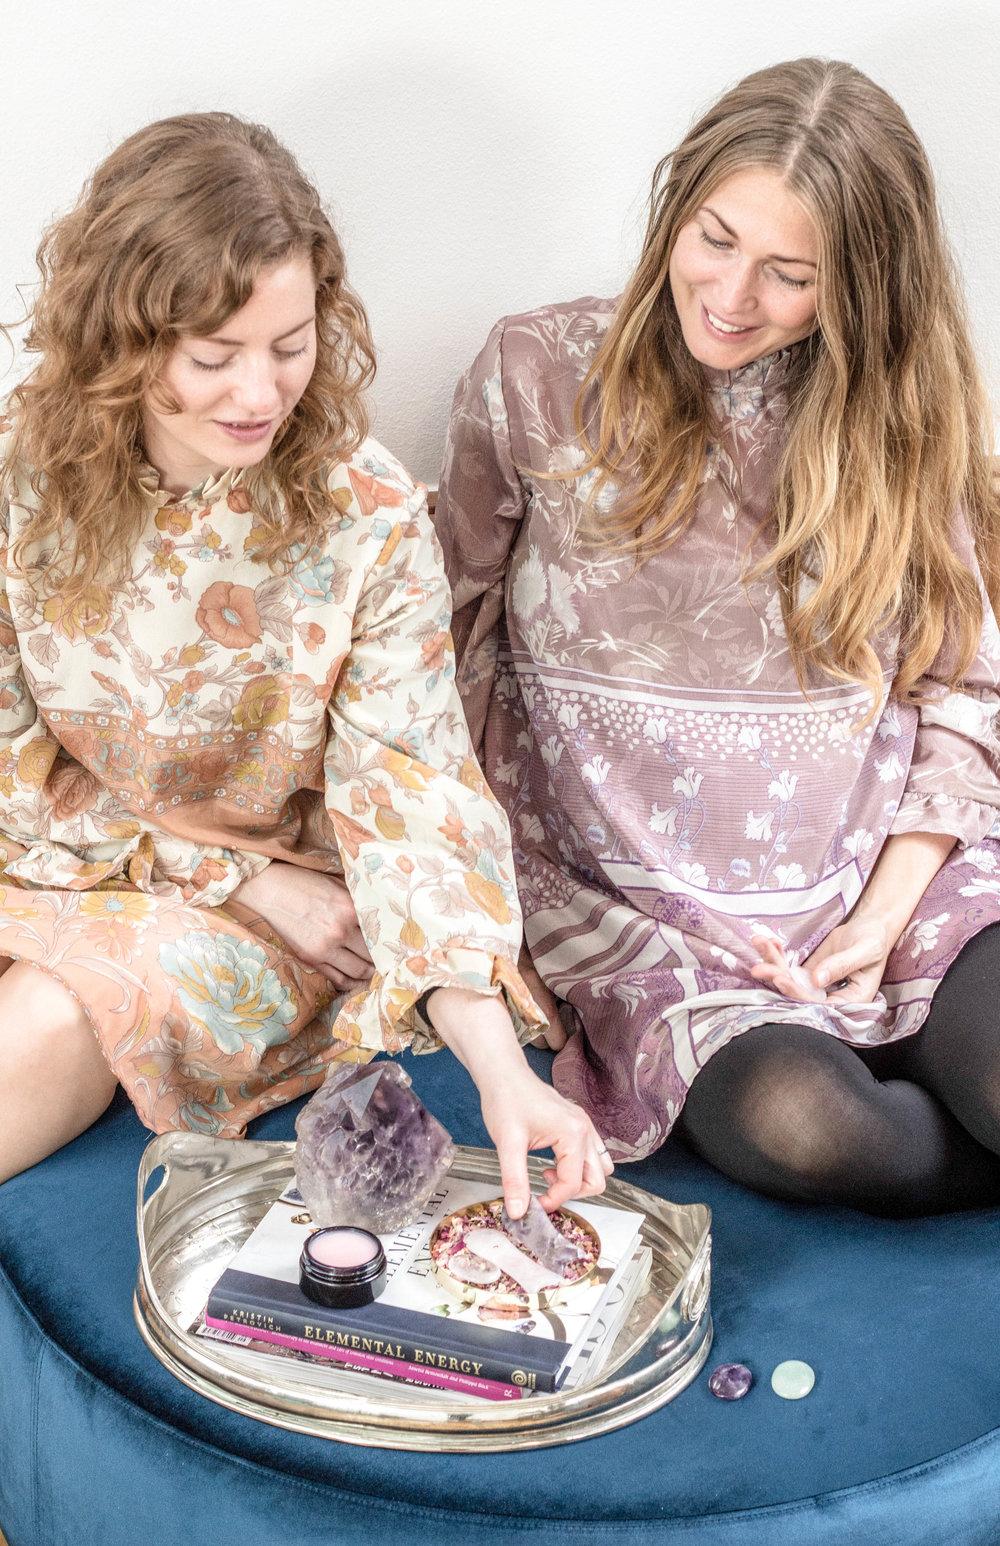 honest beauty talks maja og tanja gua sha facial tutorial video